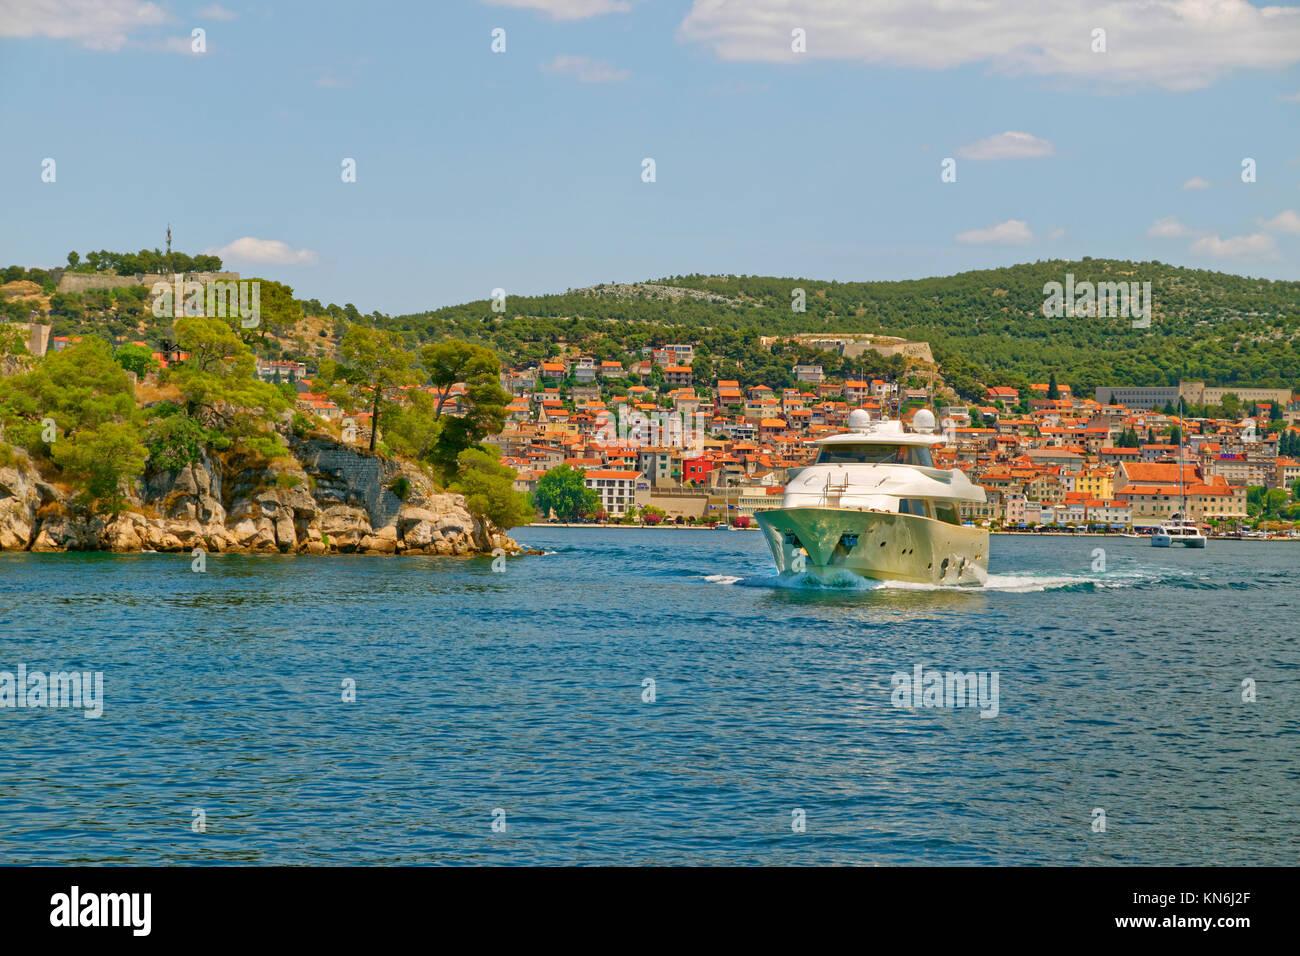 Motor Cruiser mit der Stadt Sibenik darüber hinaus. Dalmatien, Kroatien. Stockbild